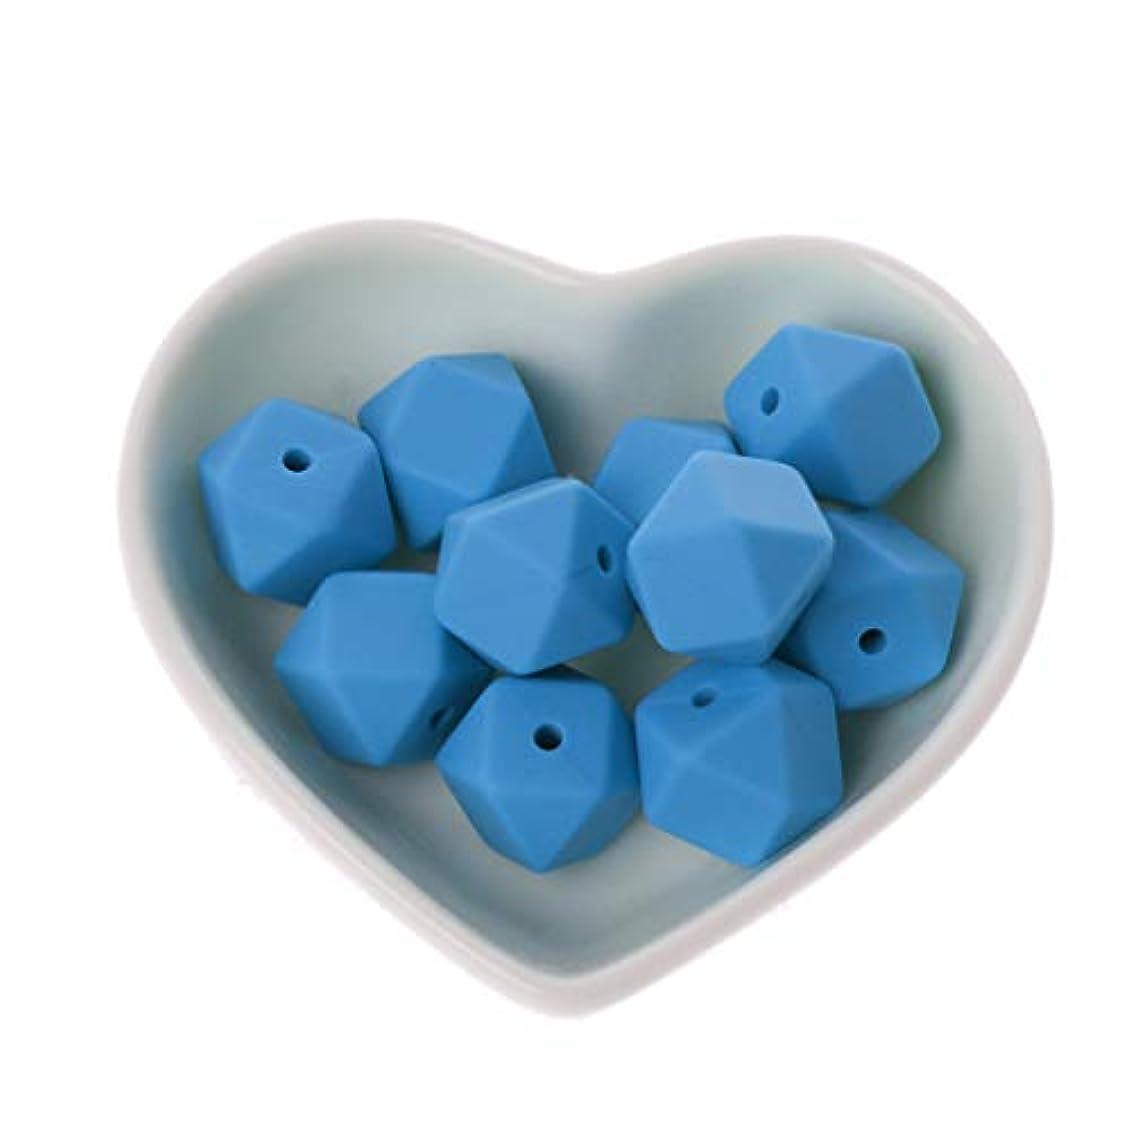 珍味植物学金銭的Landdum 10個シリコーンビーズ14ミリメートル多角形シリコーンビーズ赤ちゃんのおもちゃdiyおしゃぶりチェーンアクセサリー - ベイビーブルー